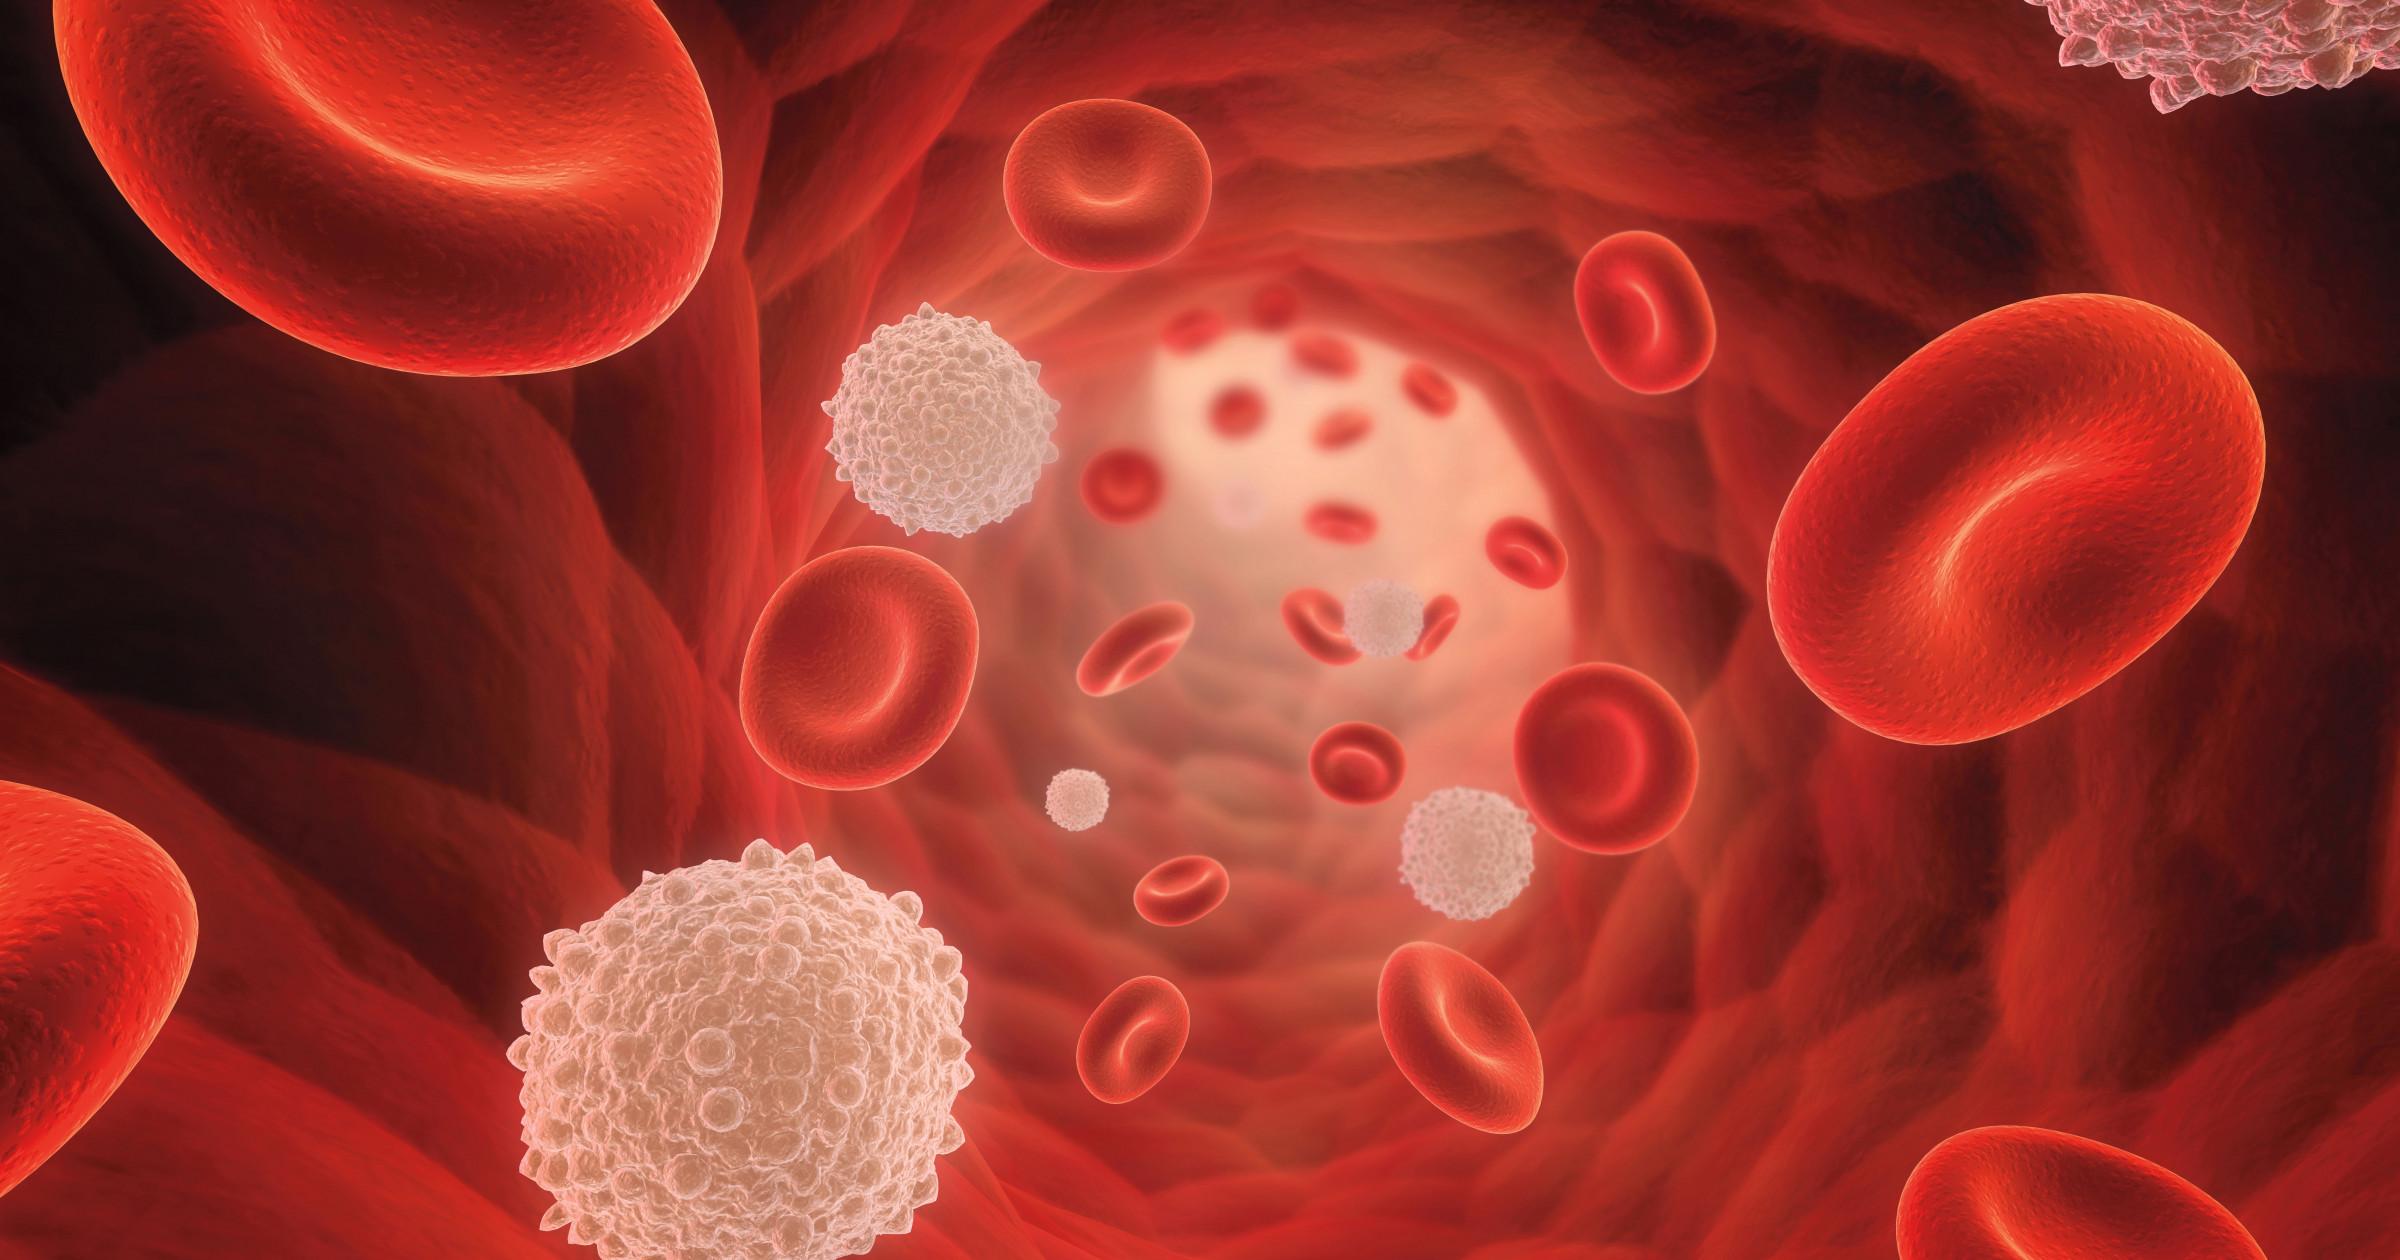 Thrombocytopenia (low platelets) - POZ